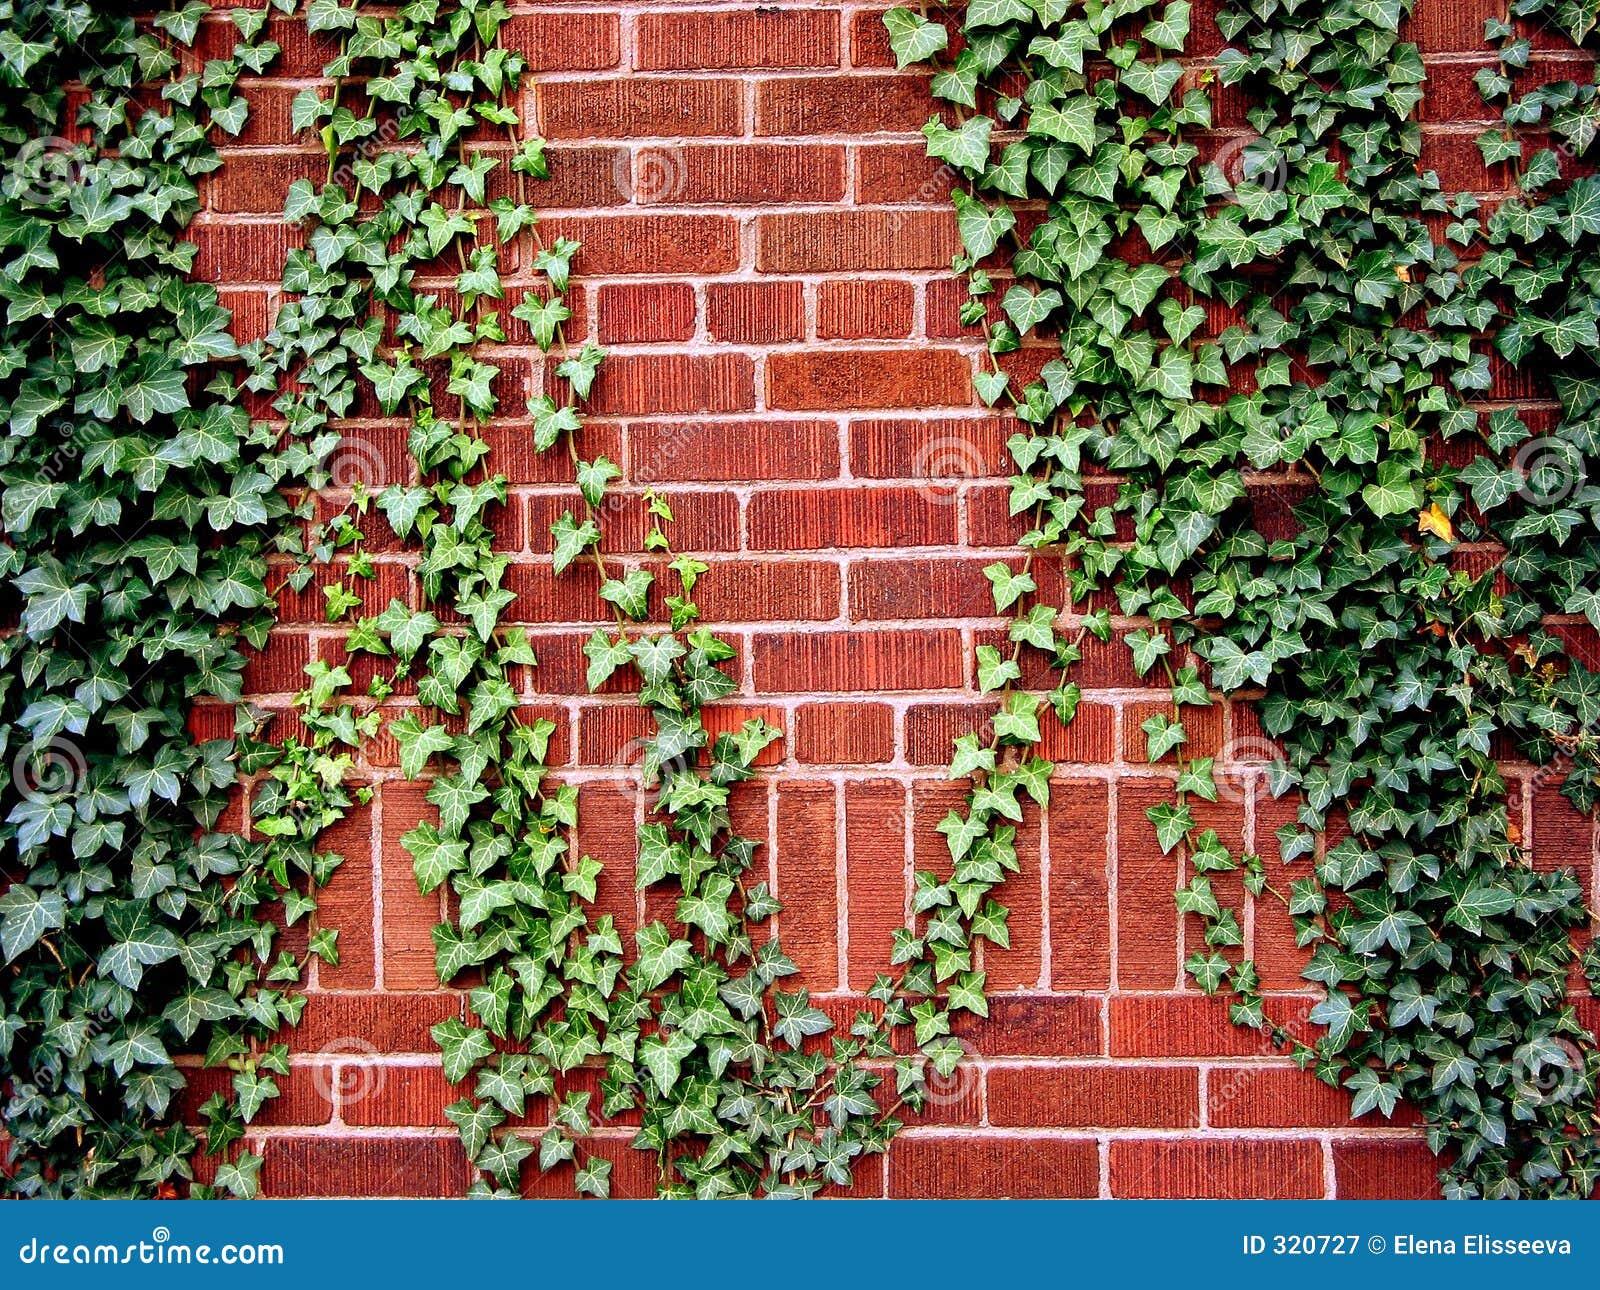 Efeu auf der Backsteinmauer